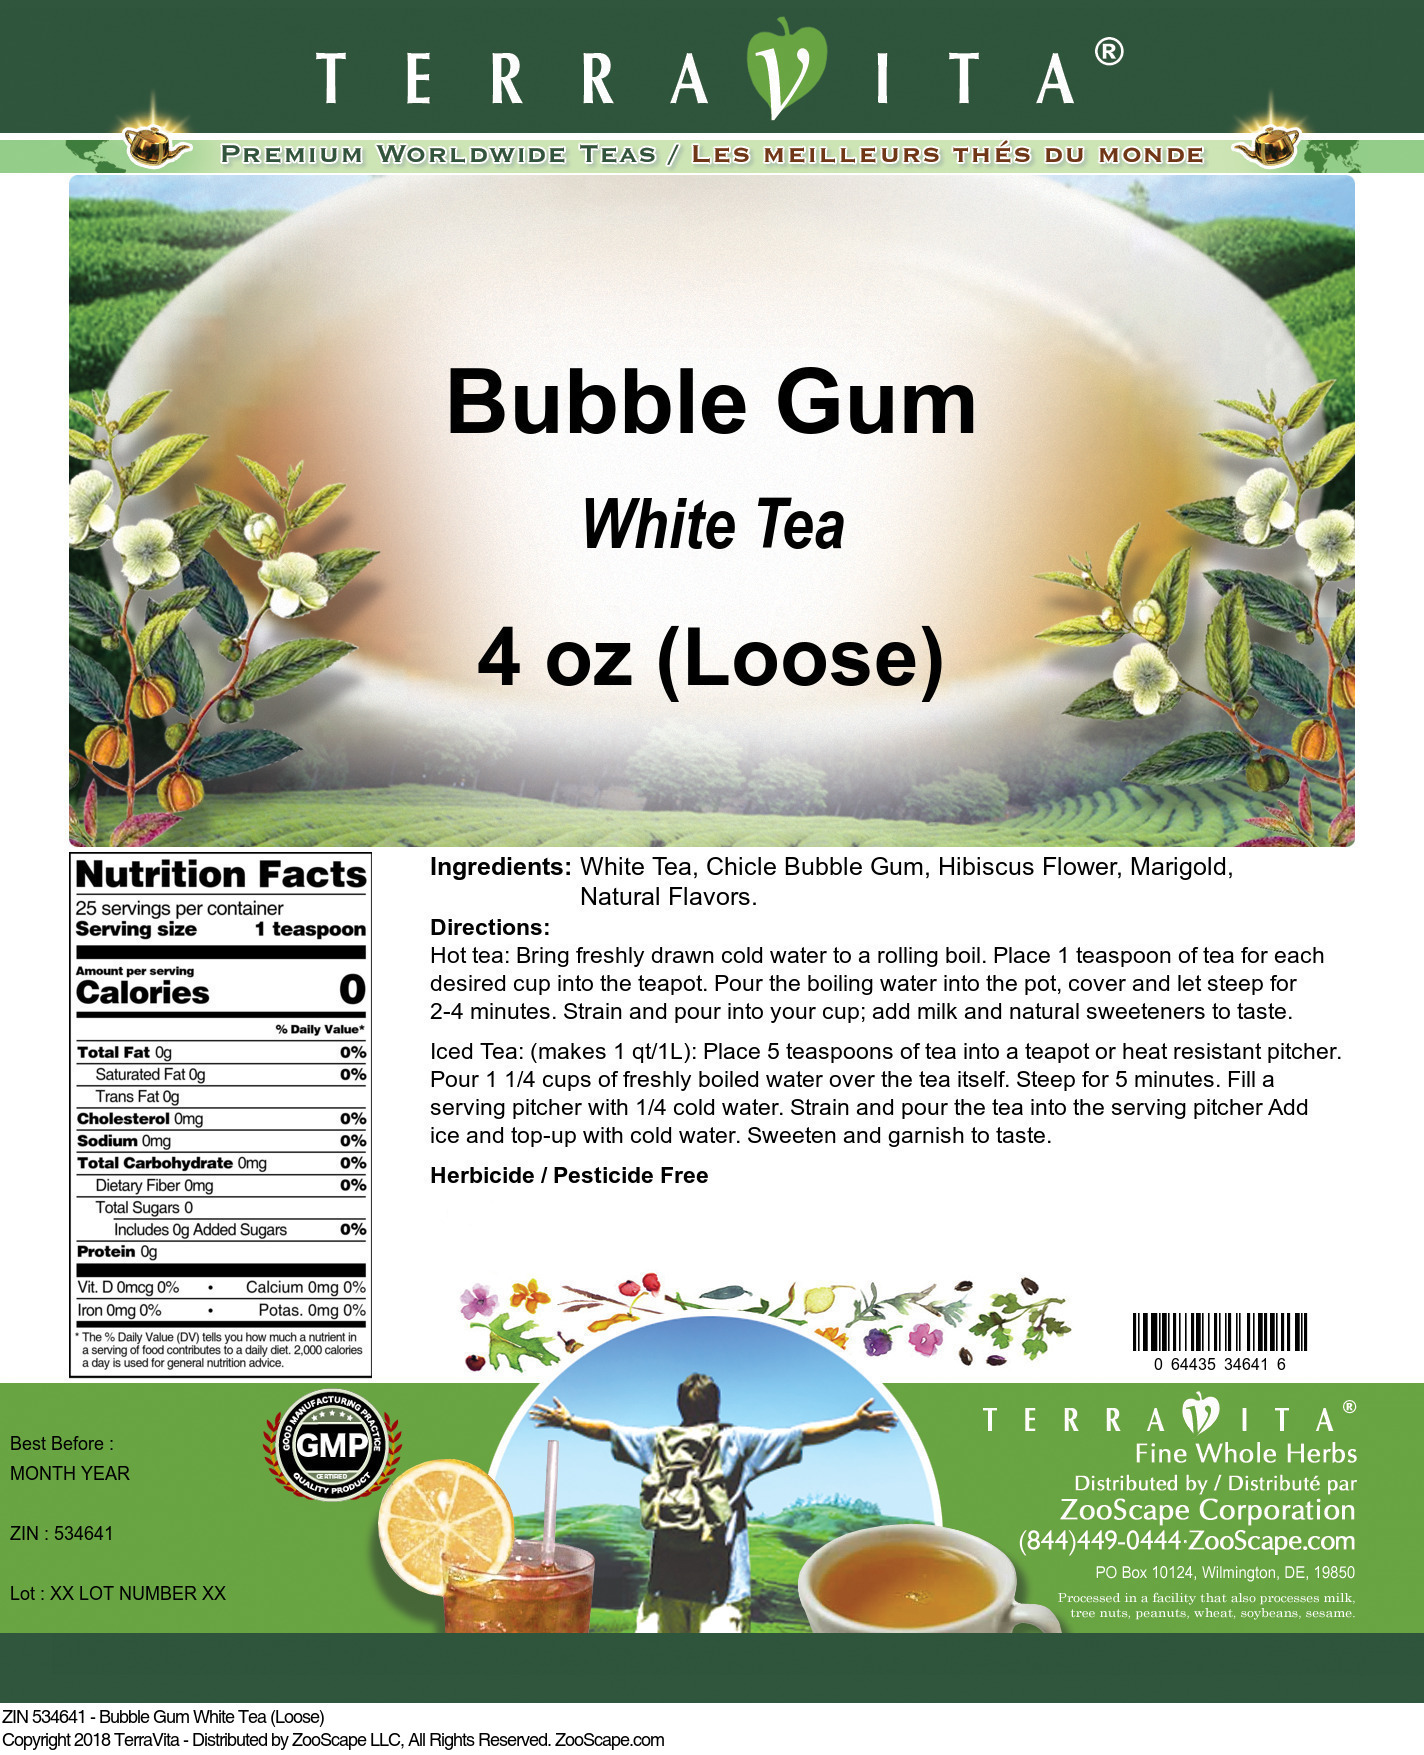 Bubble Gum White Tea